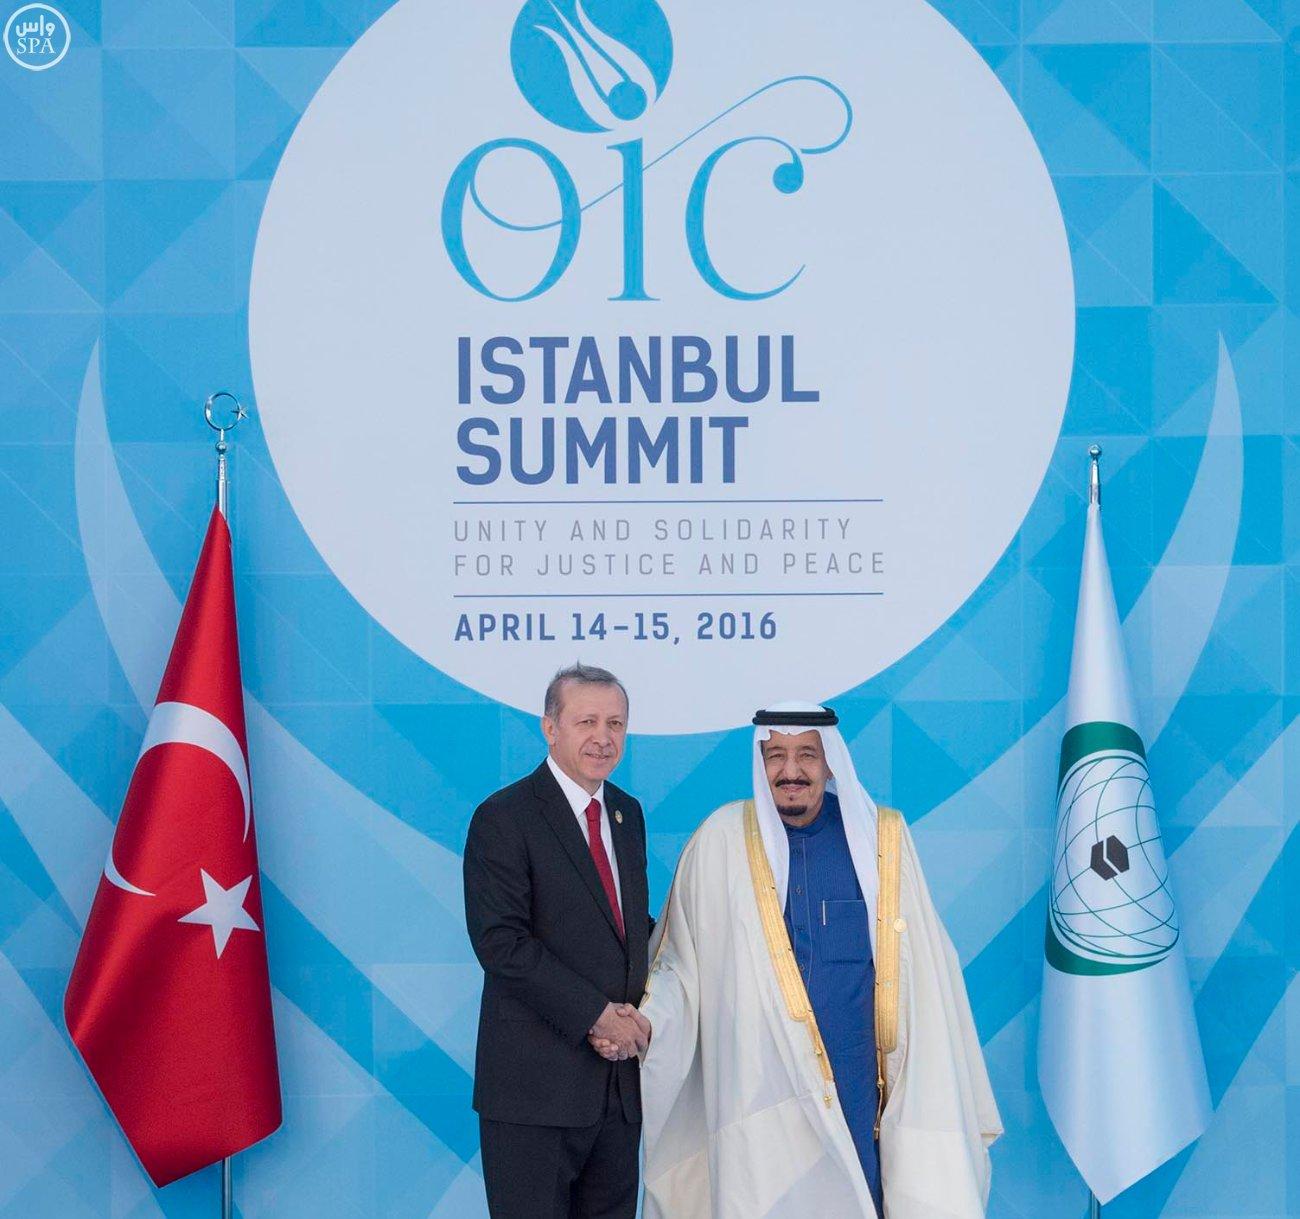 الملك سلمان بالقمة الاسلامية بتركيا (9)